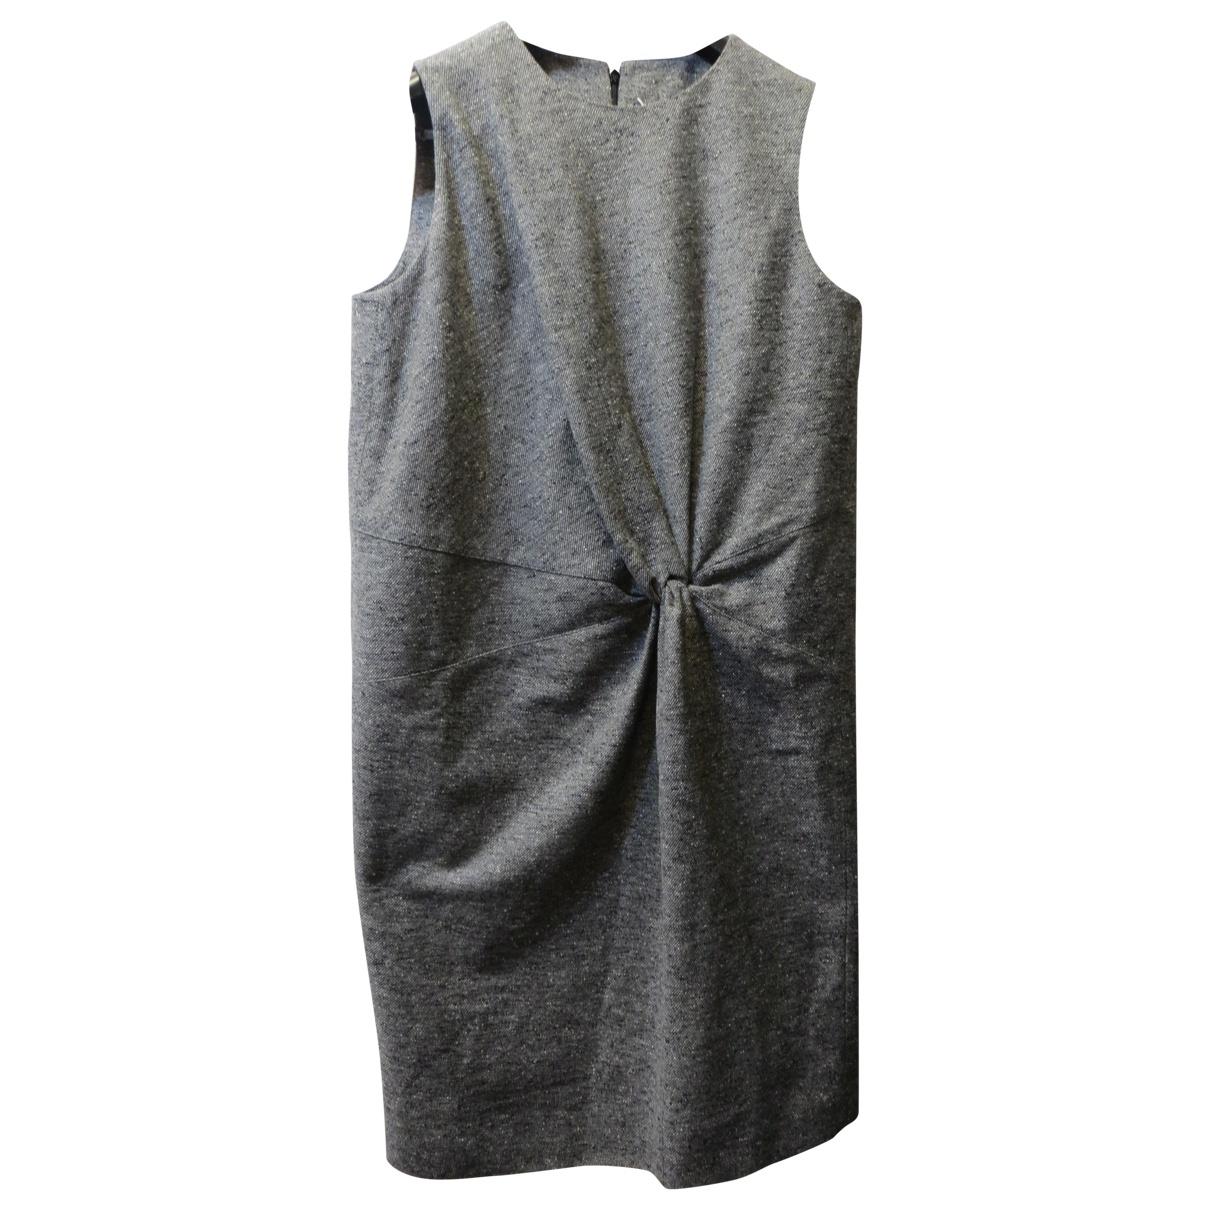 Maison Martin Margiela \N Kleid in  Grau Wolle